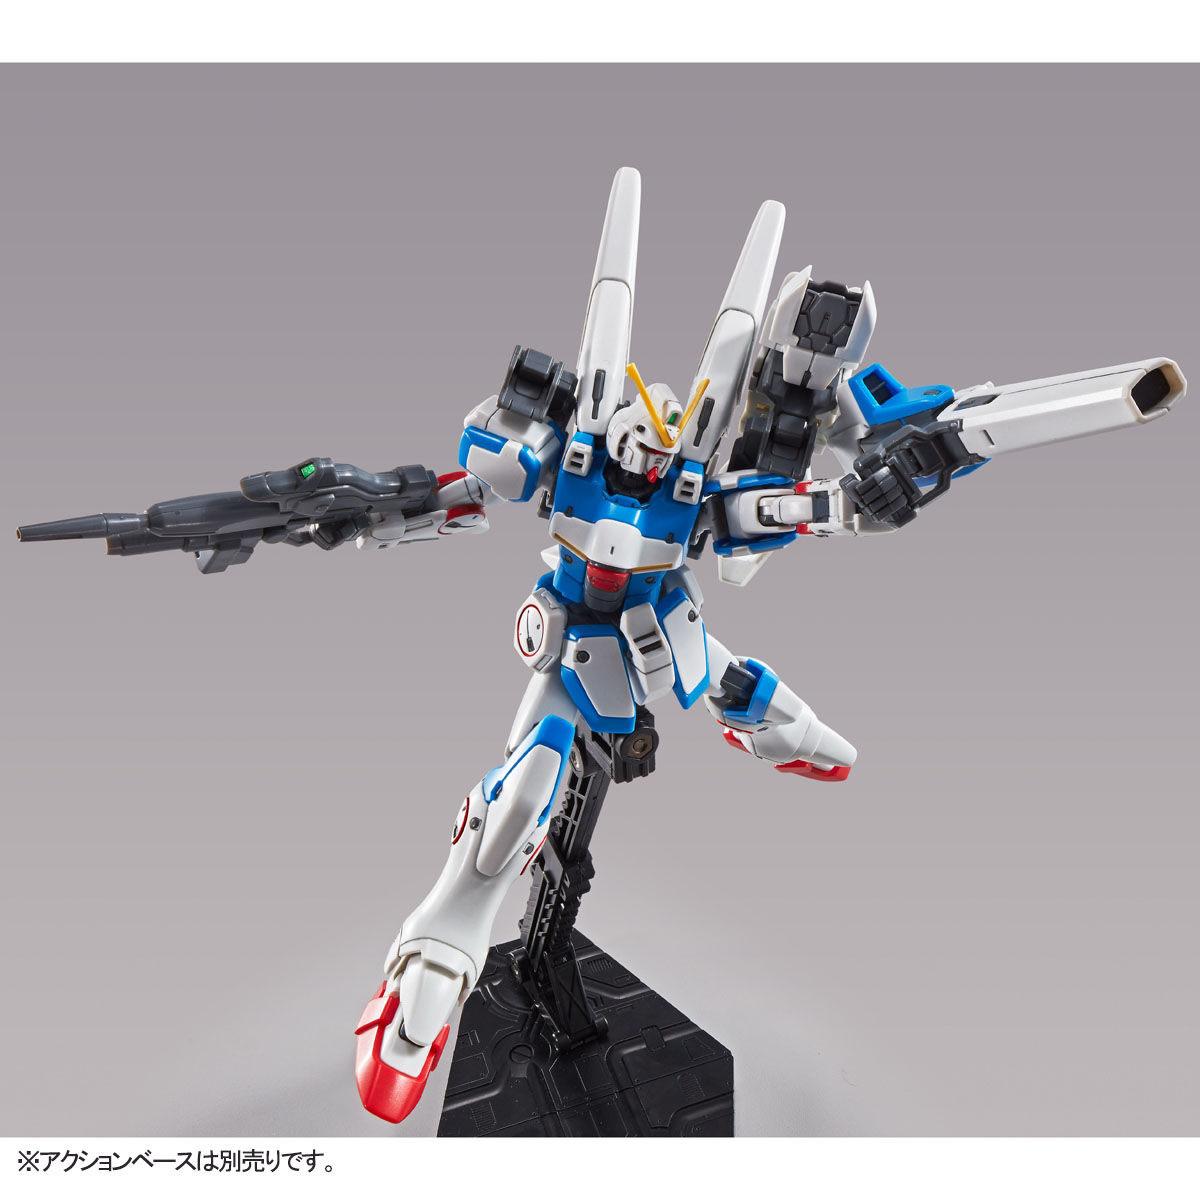 【限定販売】HG 1/144『セカンドV』プラモデル-004